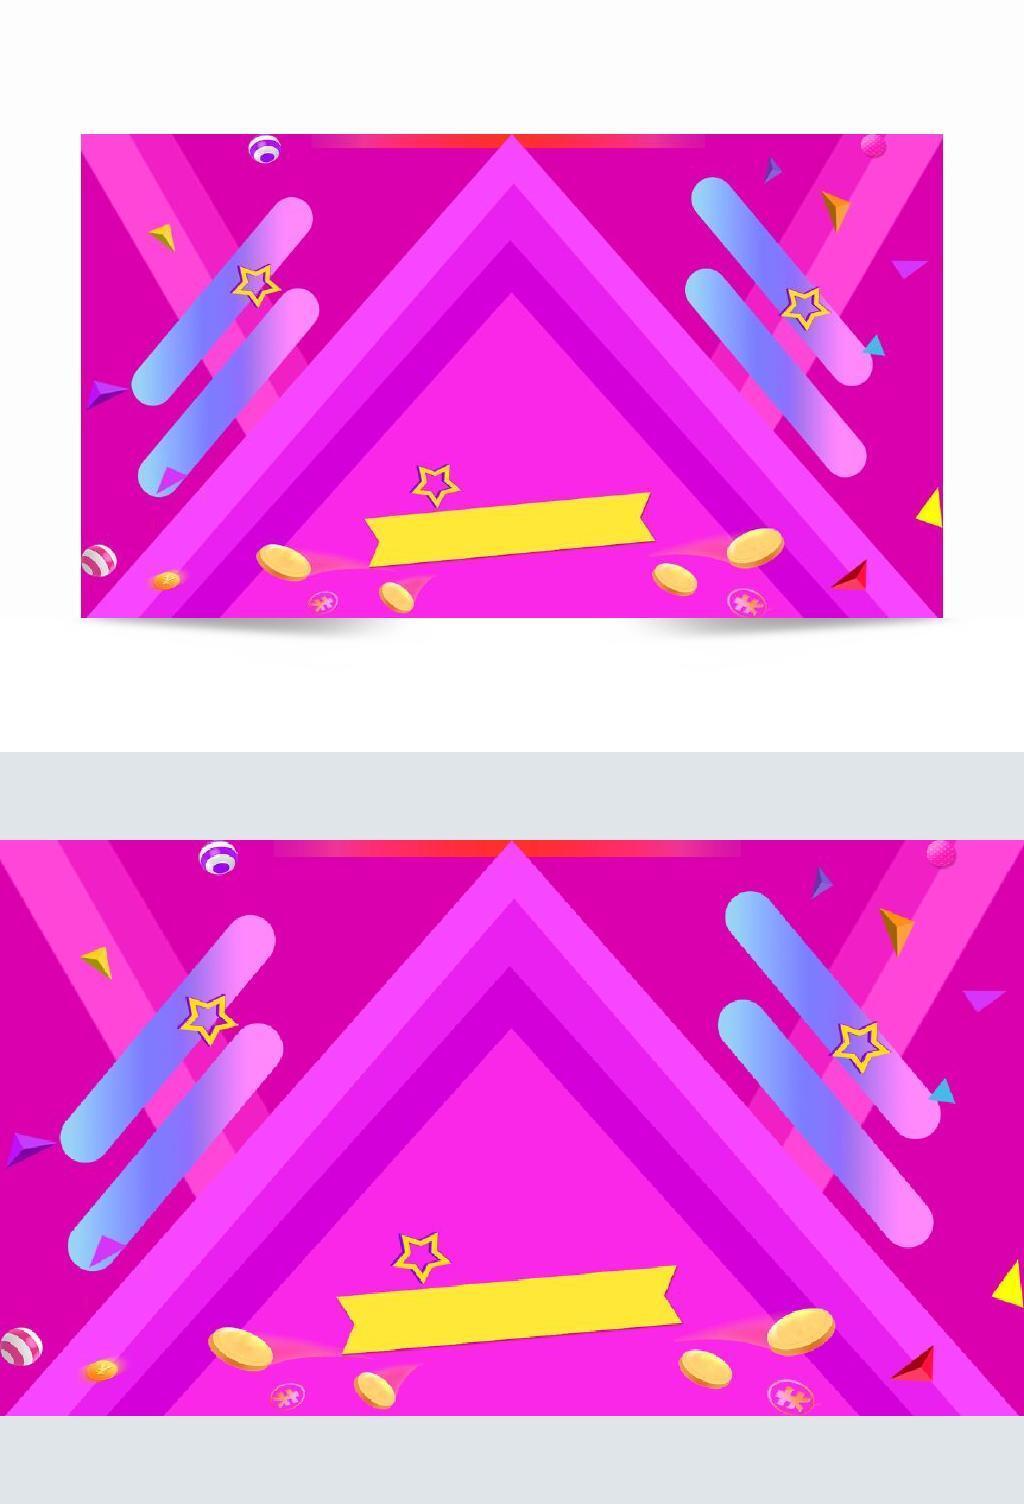 紫色几何条形促销背景